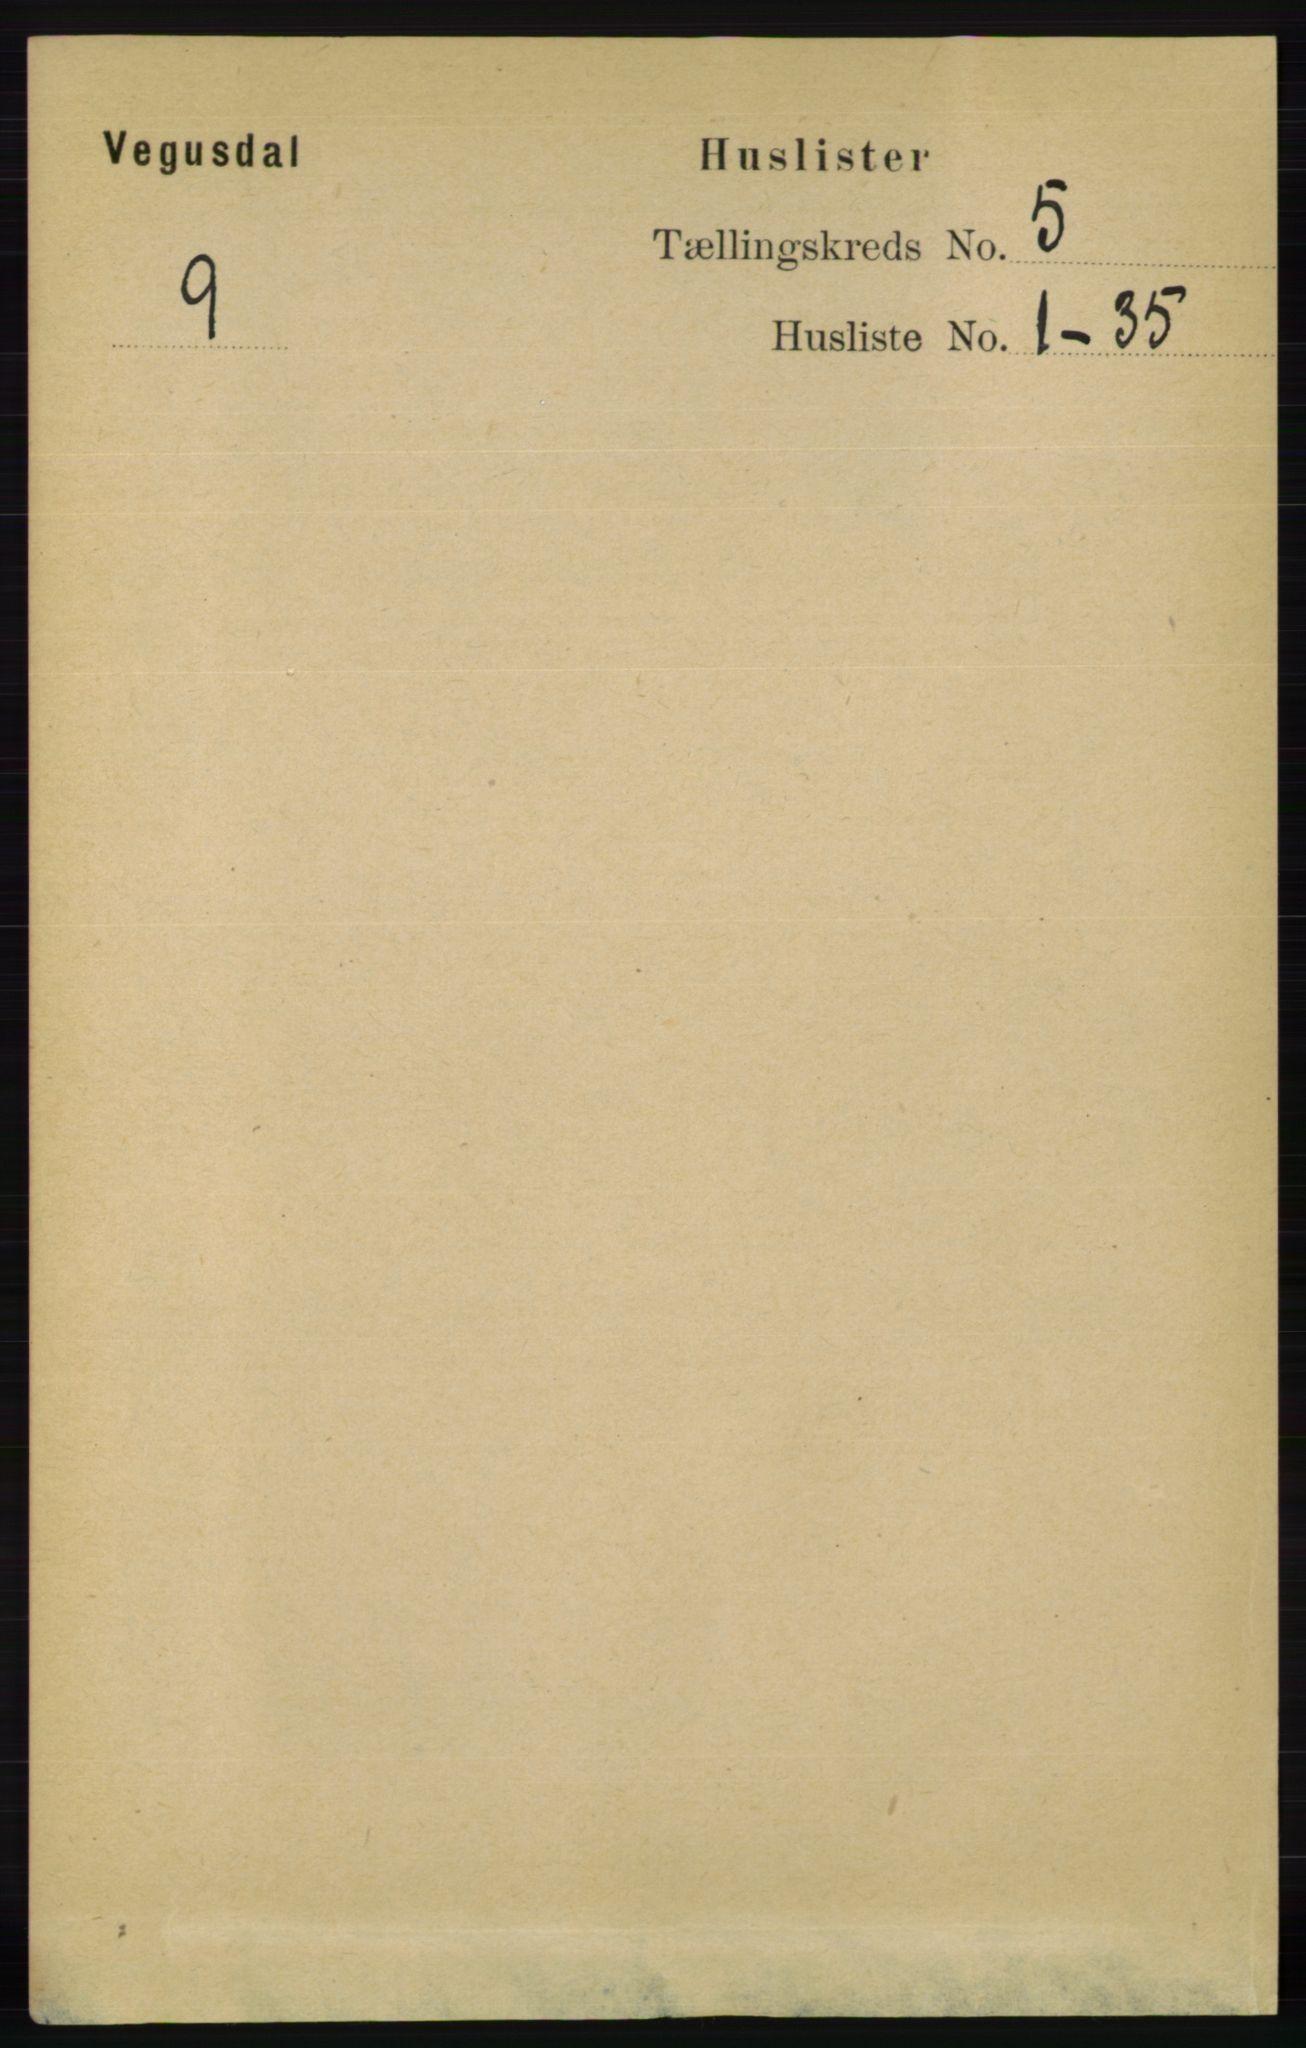 RA, Folketelling 1891 for 0934 Vegusdal herred, 1891, s. 847